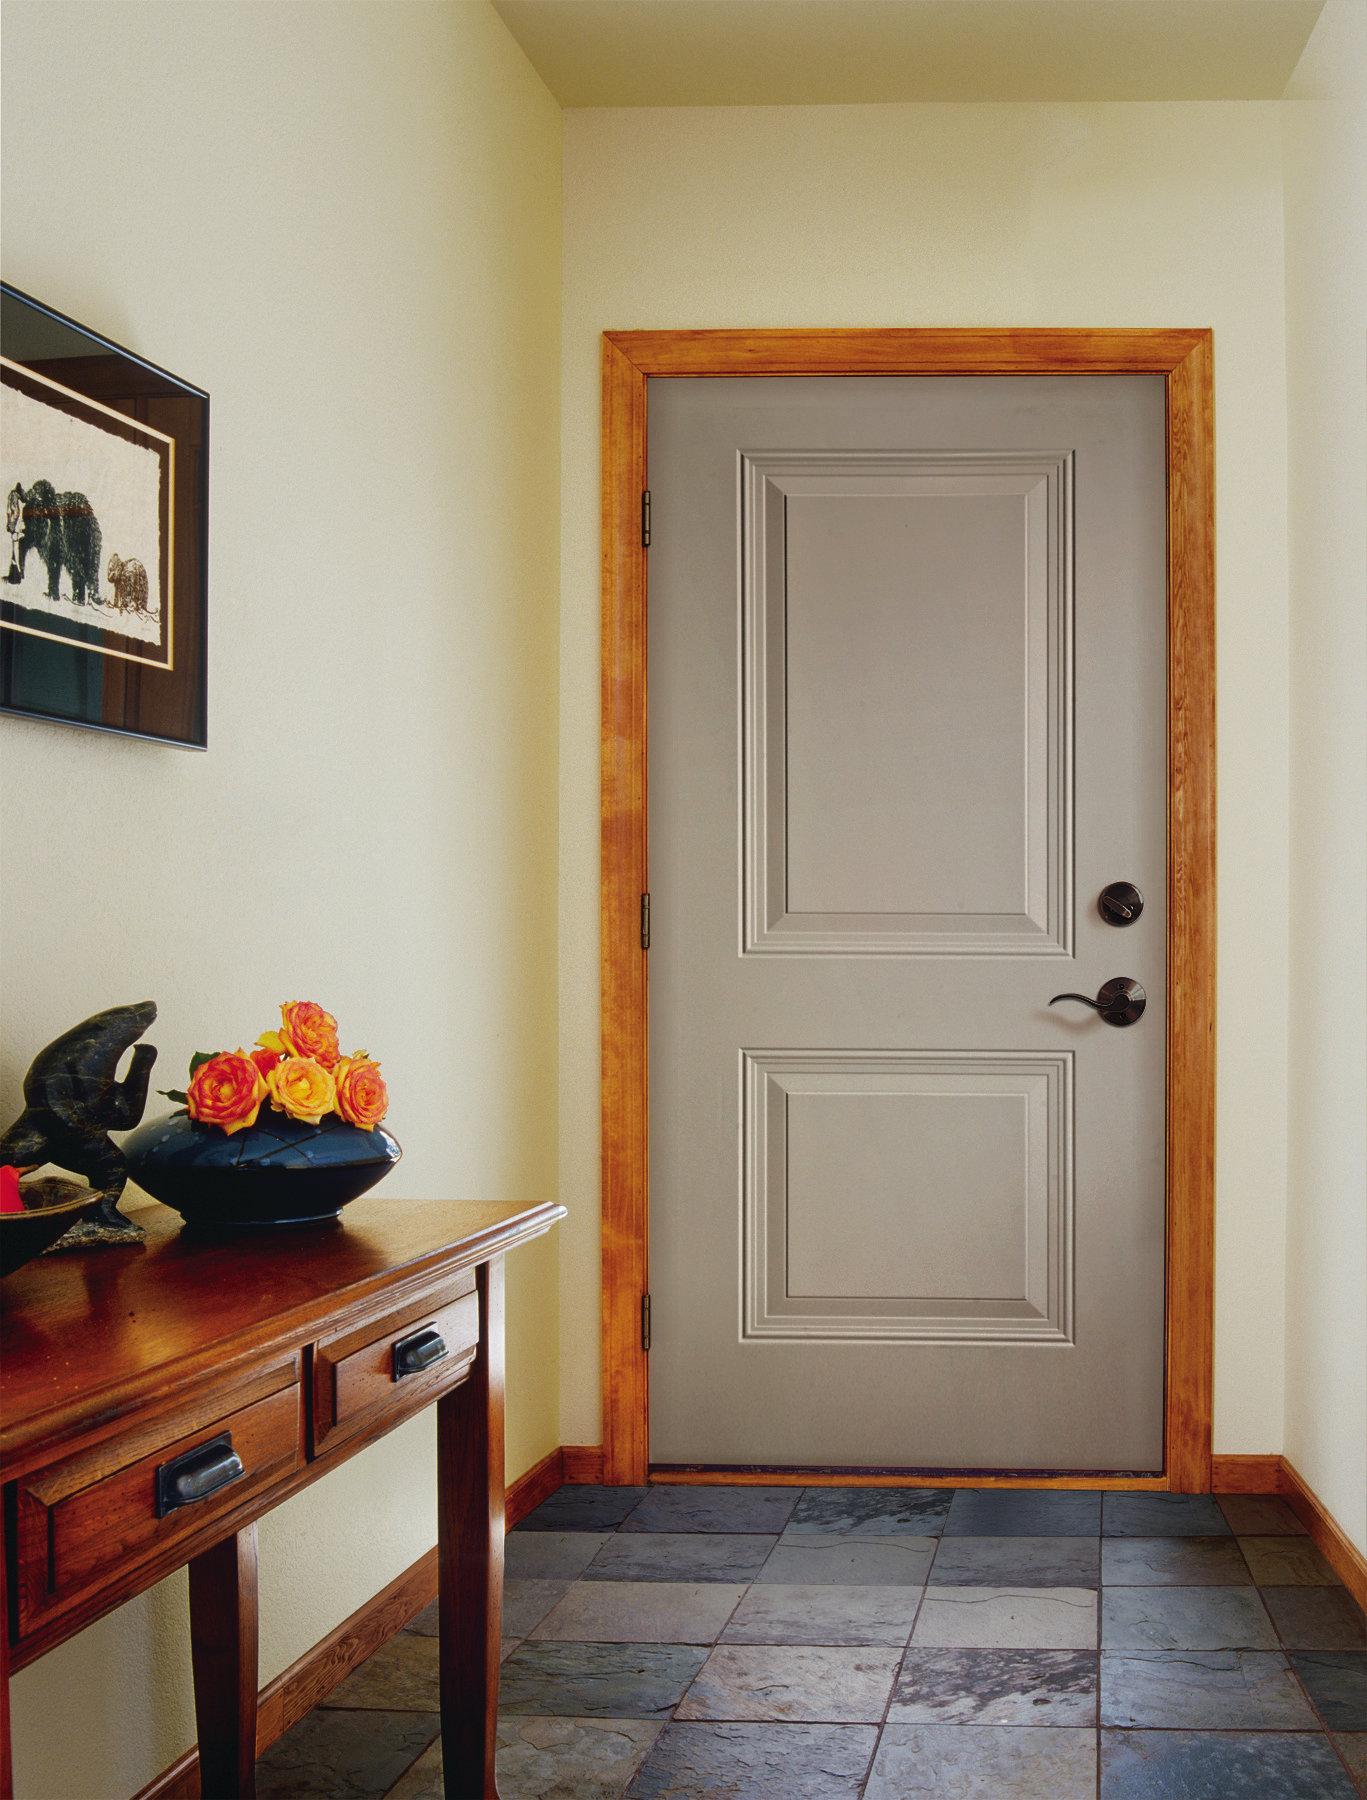 1800 #AD311E Jeld Wen Two Panel Steel Exterior Doors Remodeling Doors Green  picture/photo Jeld Wen Steel Entry Doors 43791367